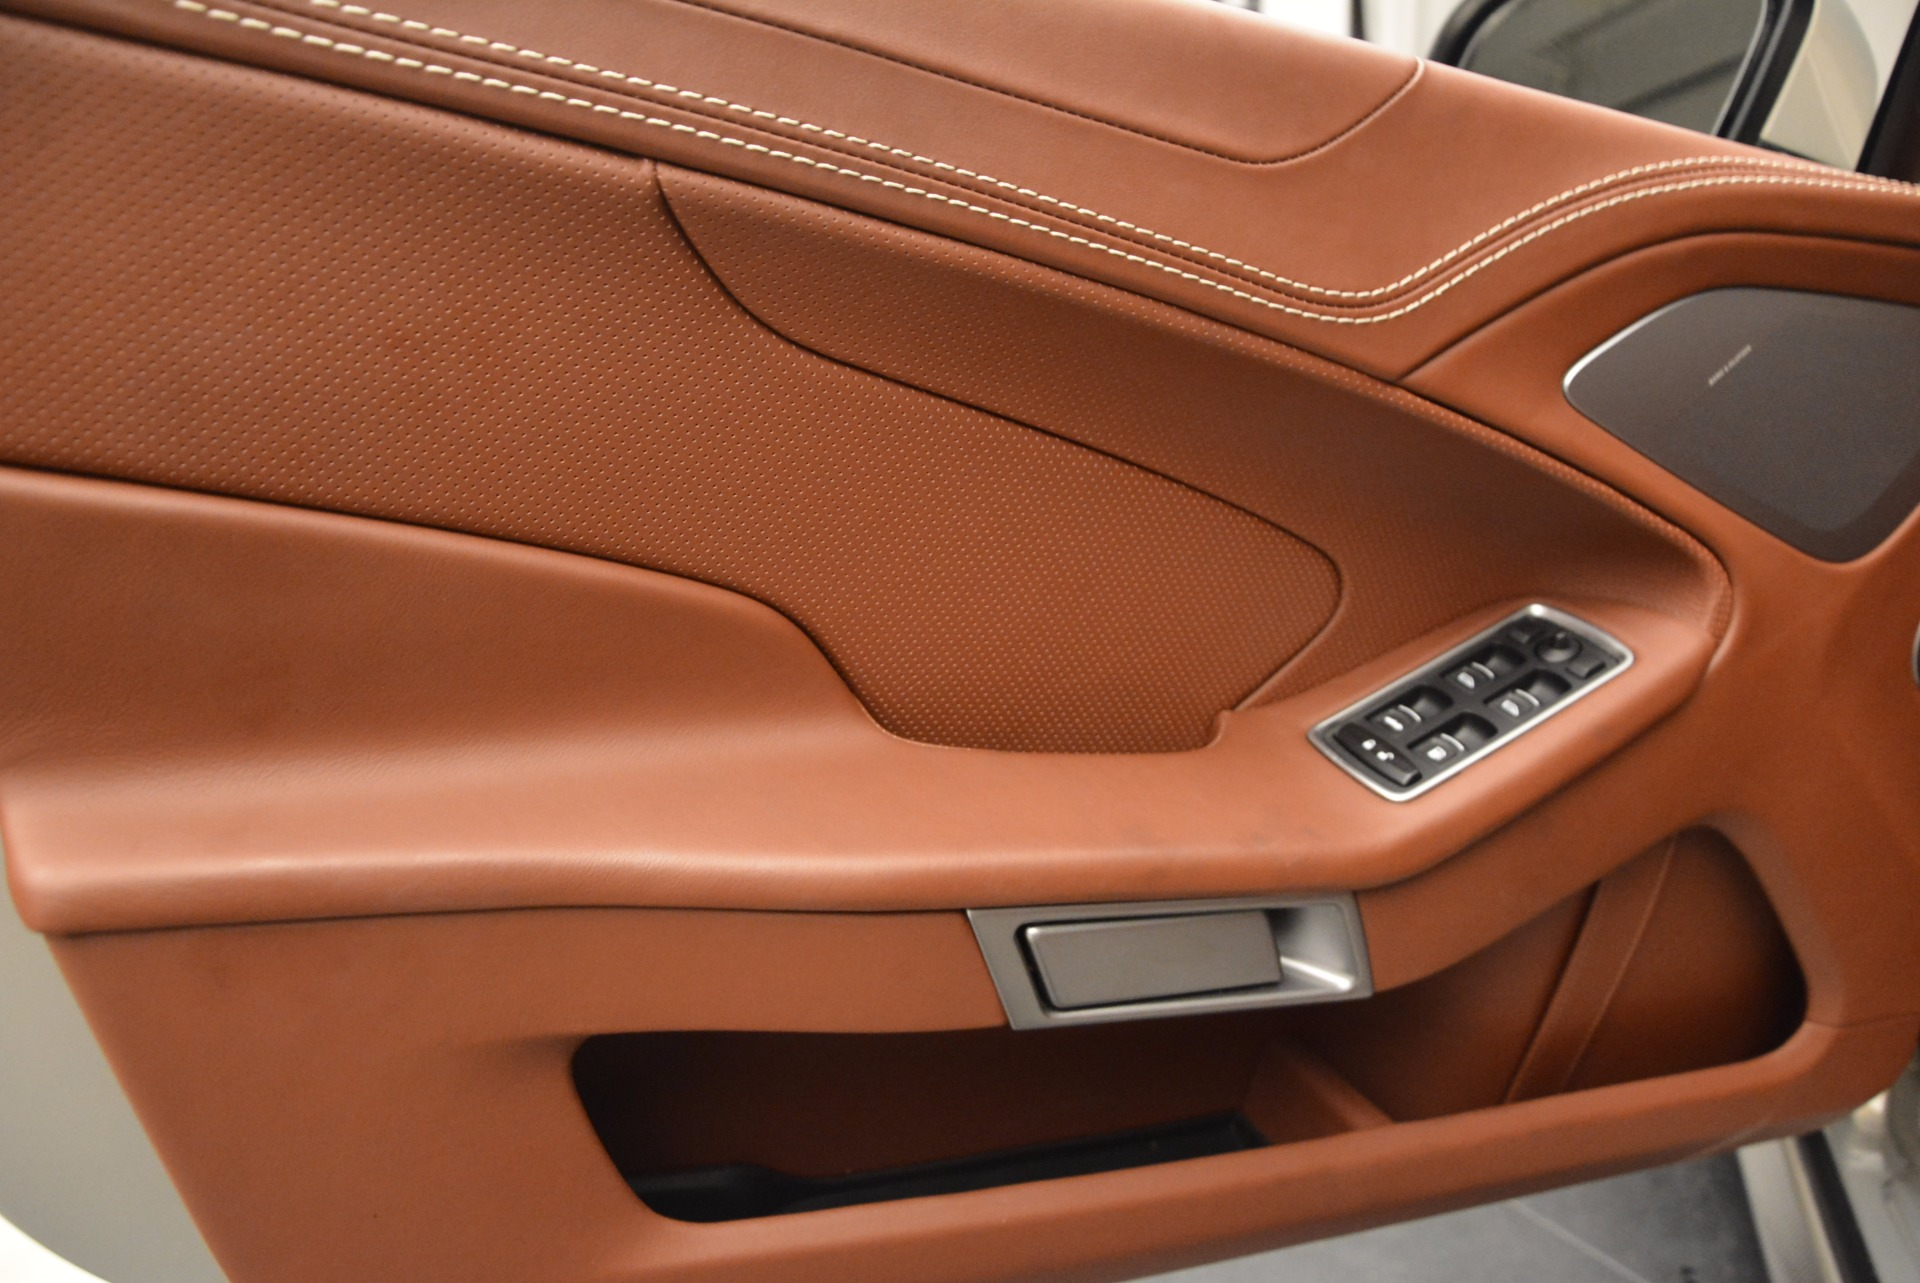 Used 2015 Aston Martin Vanquish Volante For Sale In Greenwich, CT. Alfa Romeo of Greenwich, 7248 1448_p22